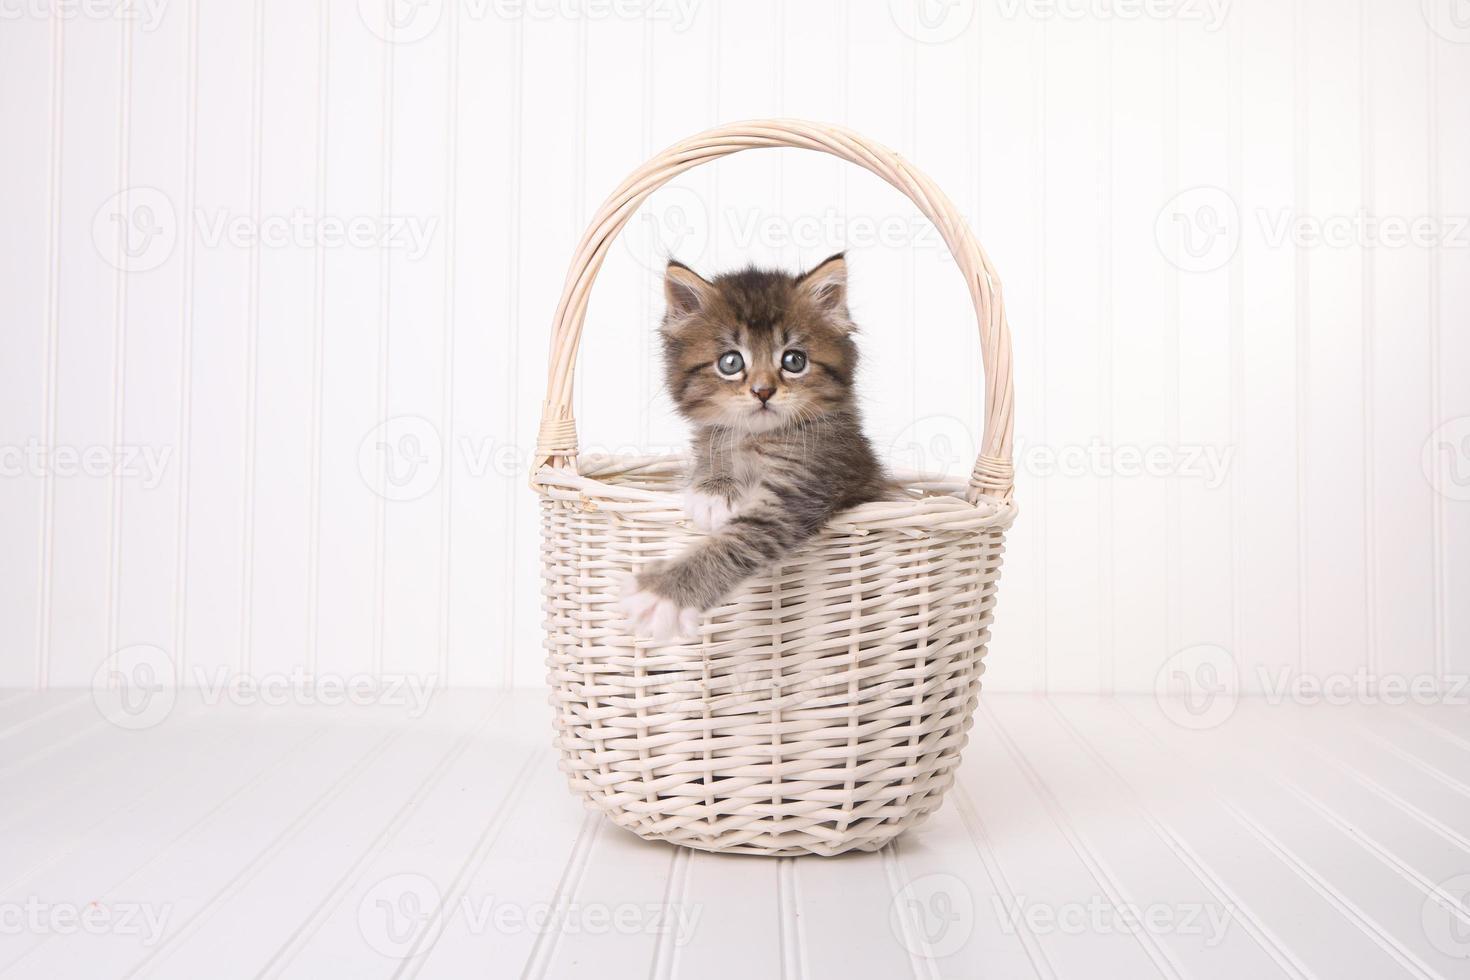 Gatito maincoon con ojos grandes en la canasta foto